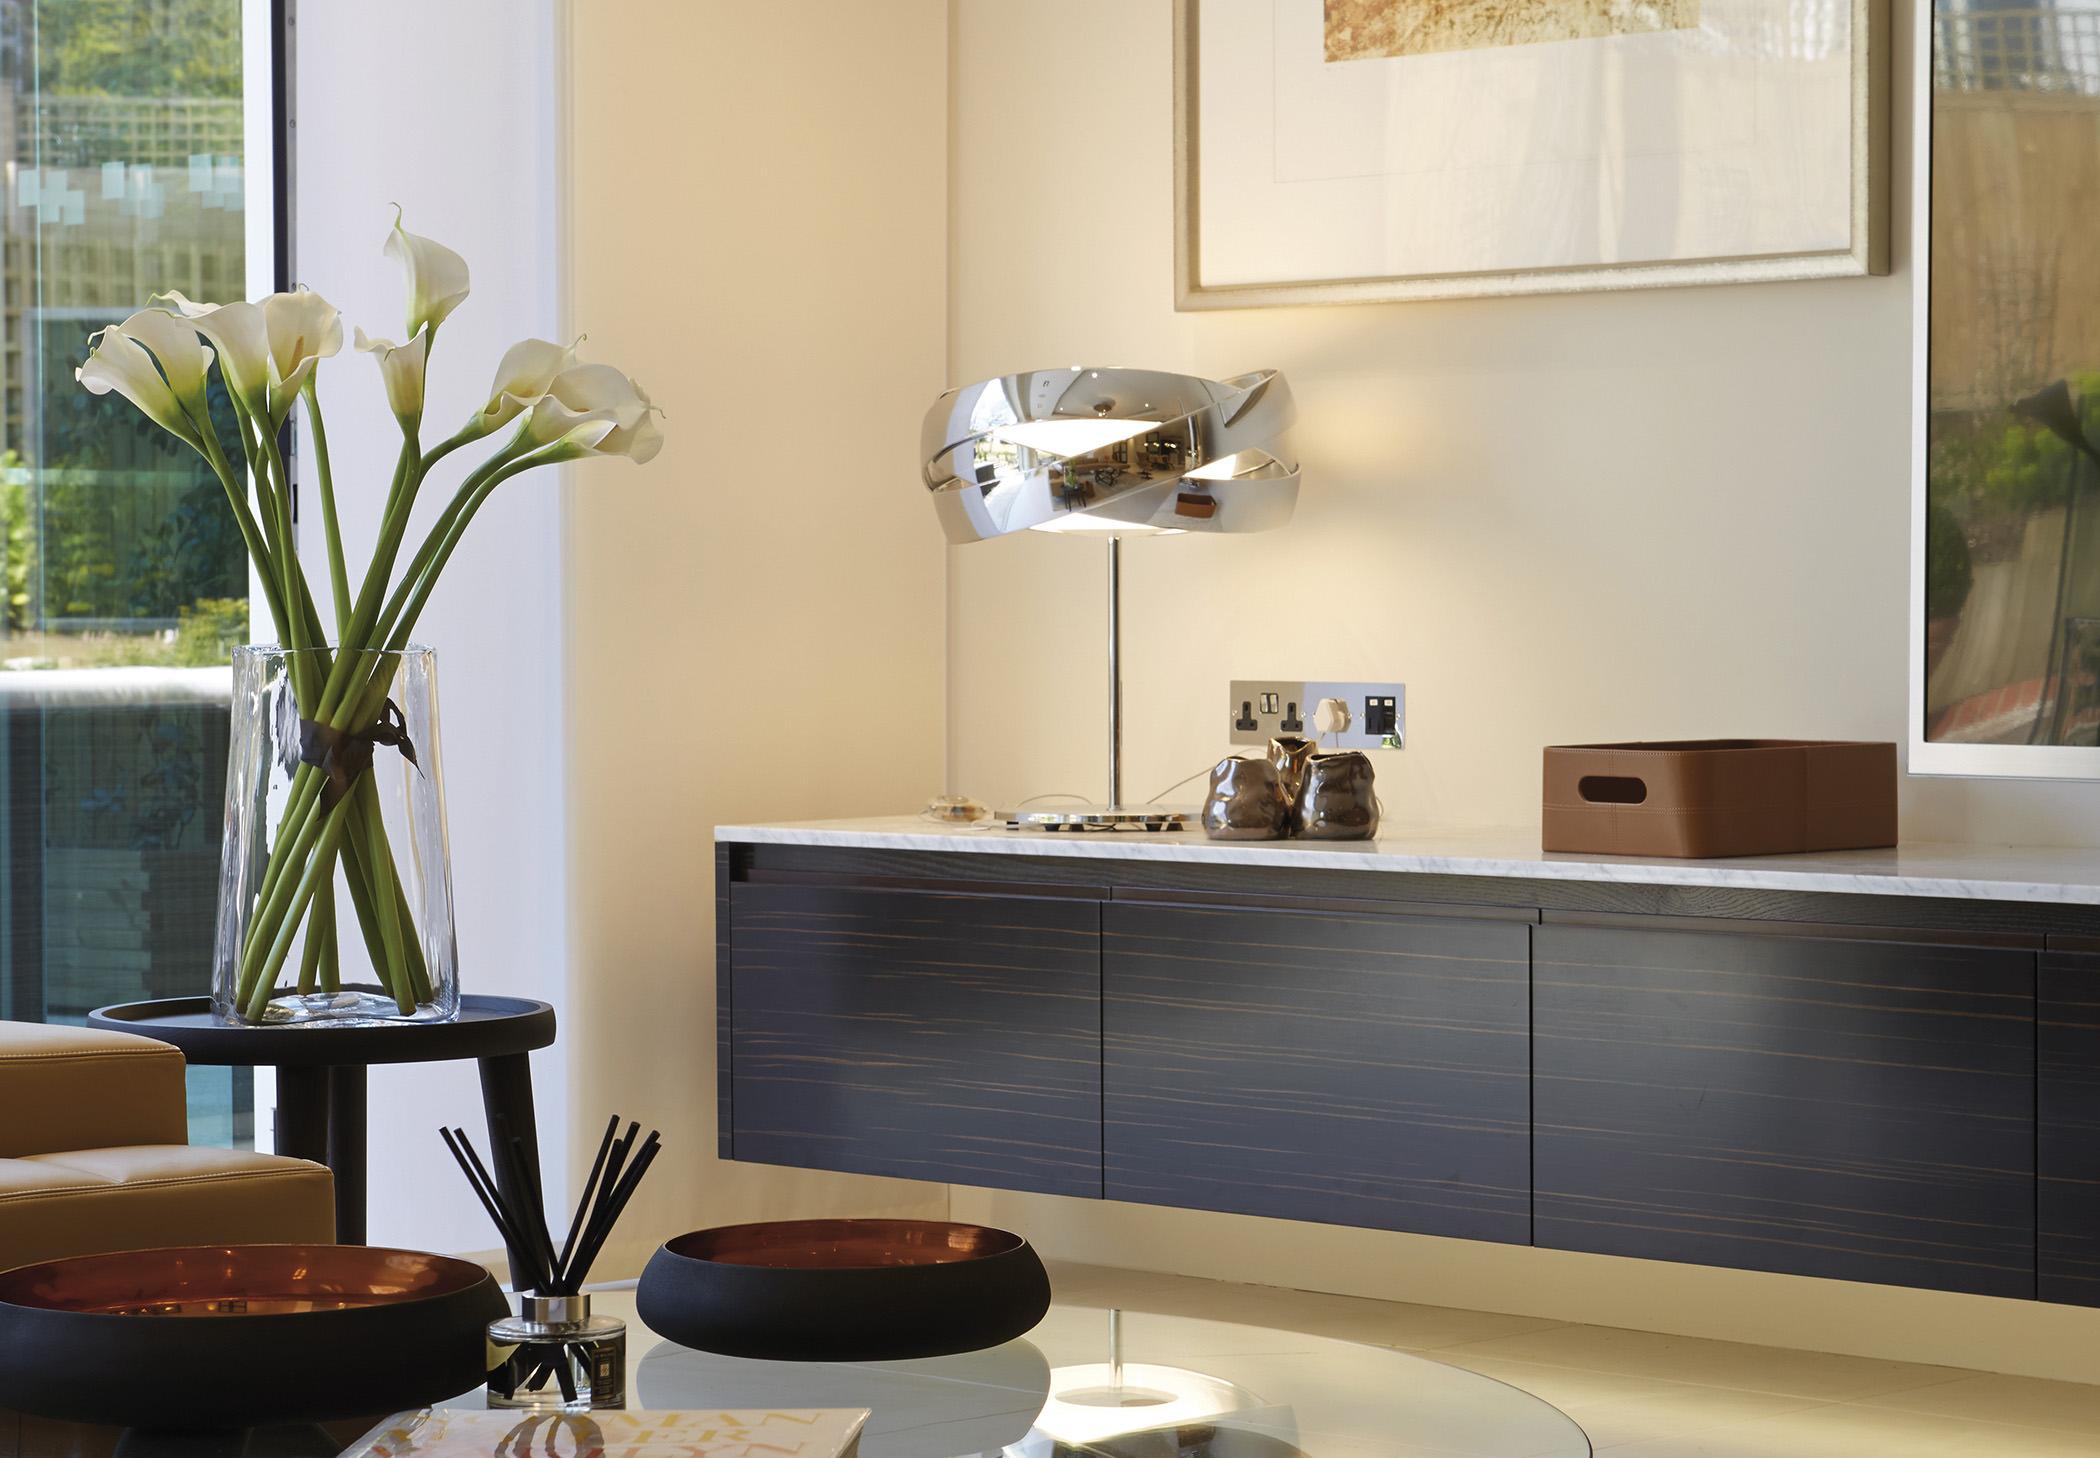 Siso M 2997 Table Lamp Estiluz Image Ambient 01